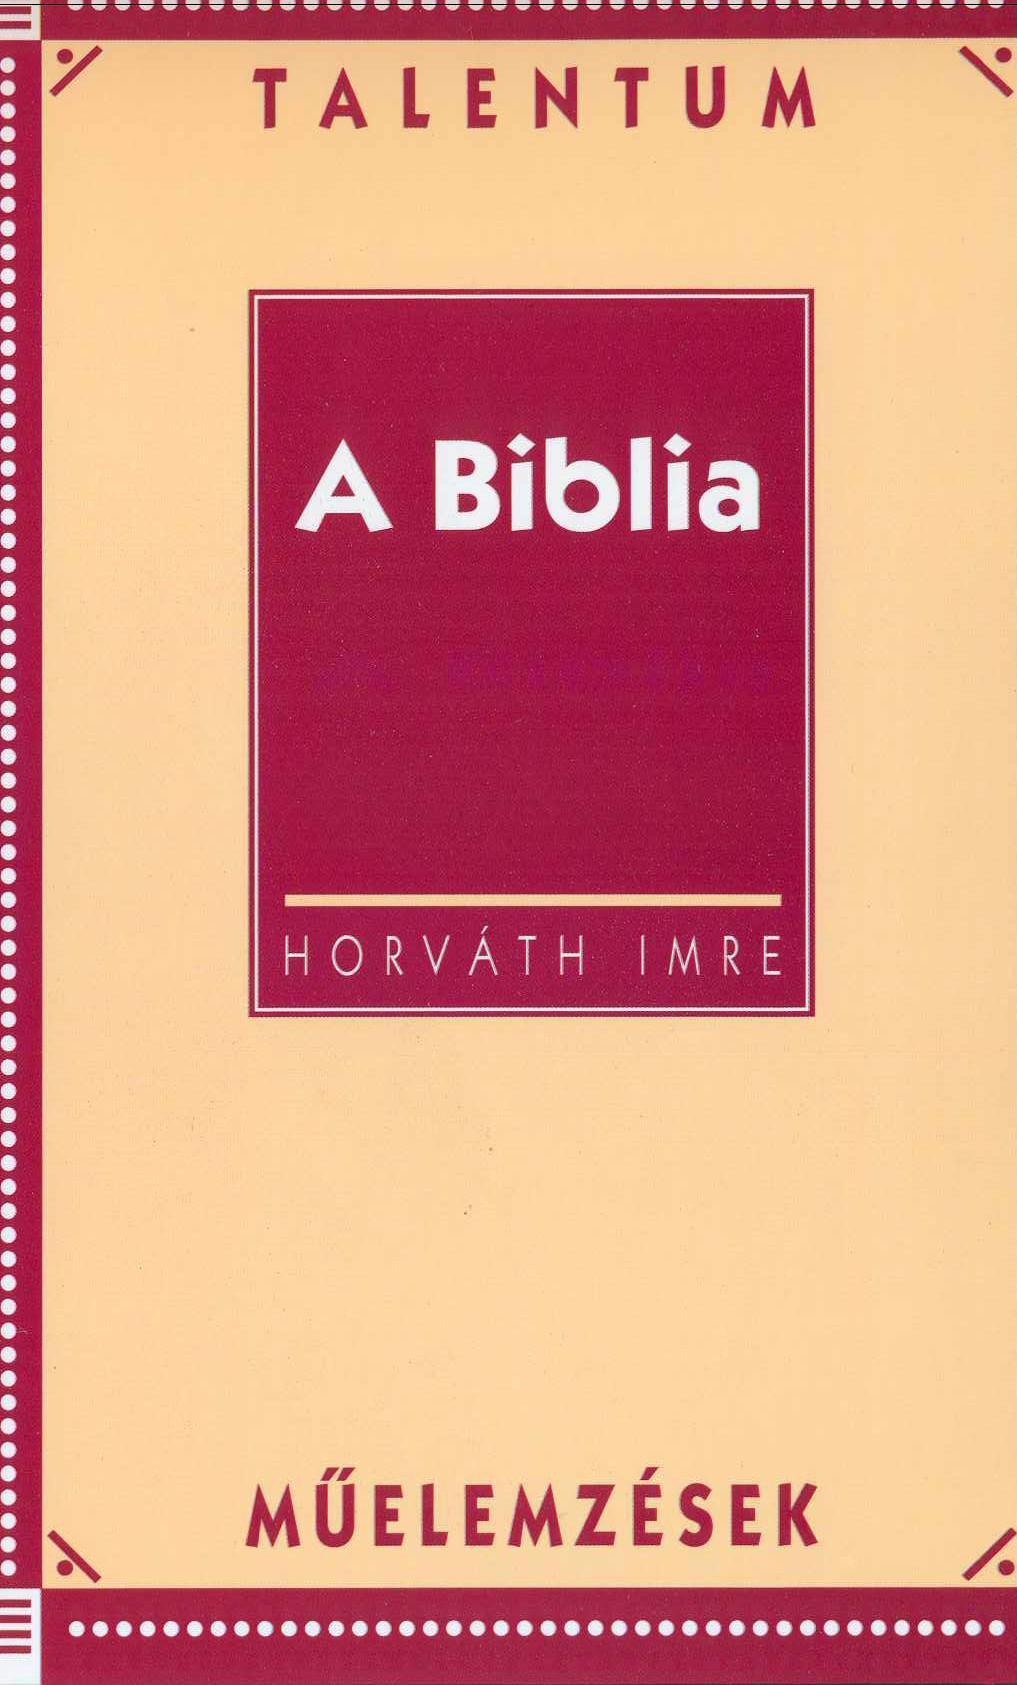 HORVÁTH IMRE - A BIBLIA - TALENTUM MŰELEMZÉSEK